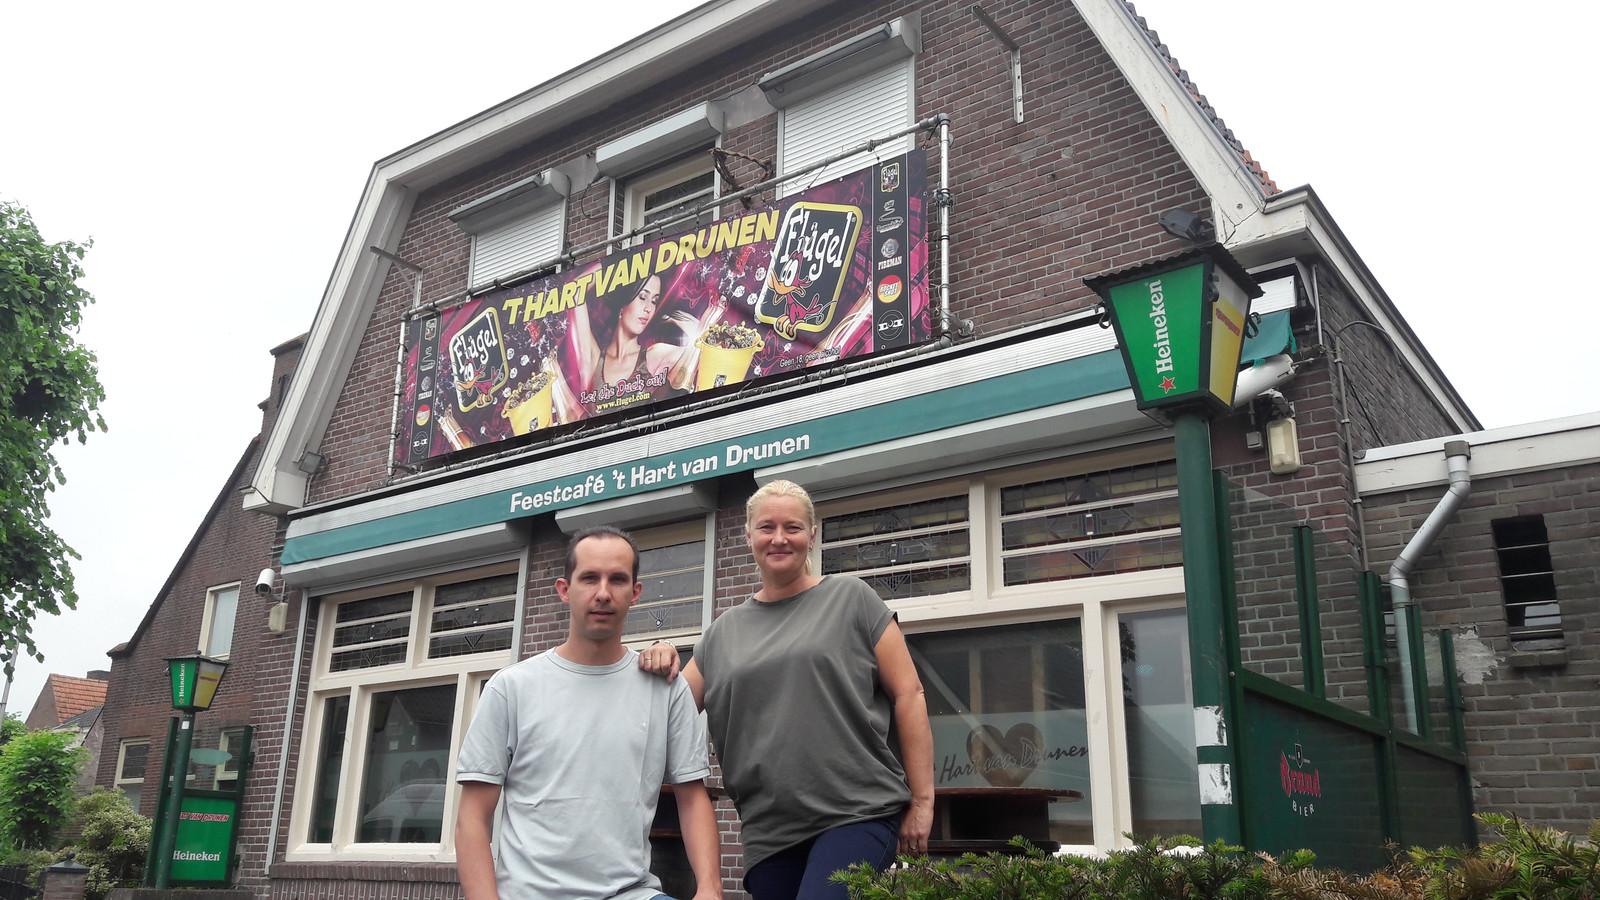 Bas van Hulten en zijn vriendin Joyce van feestcafe 't Hart van Drunen. Zij hopen hun zaak aan de Grotestraat 78 in  Drunen nog vele jaren voort te zetten.